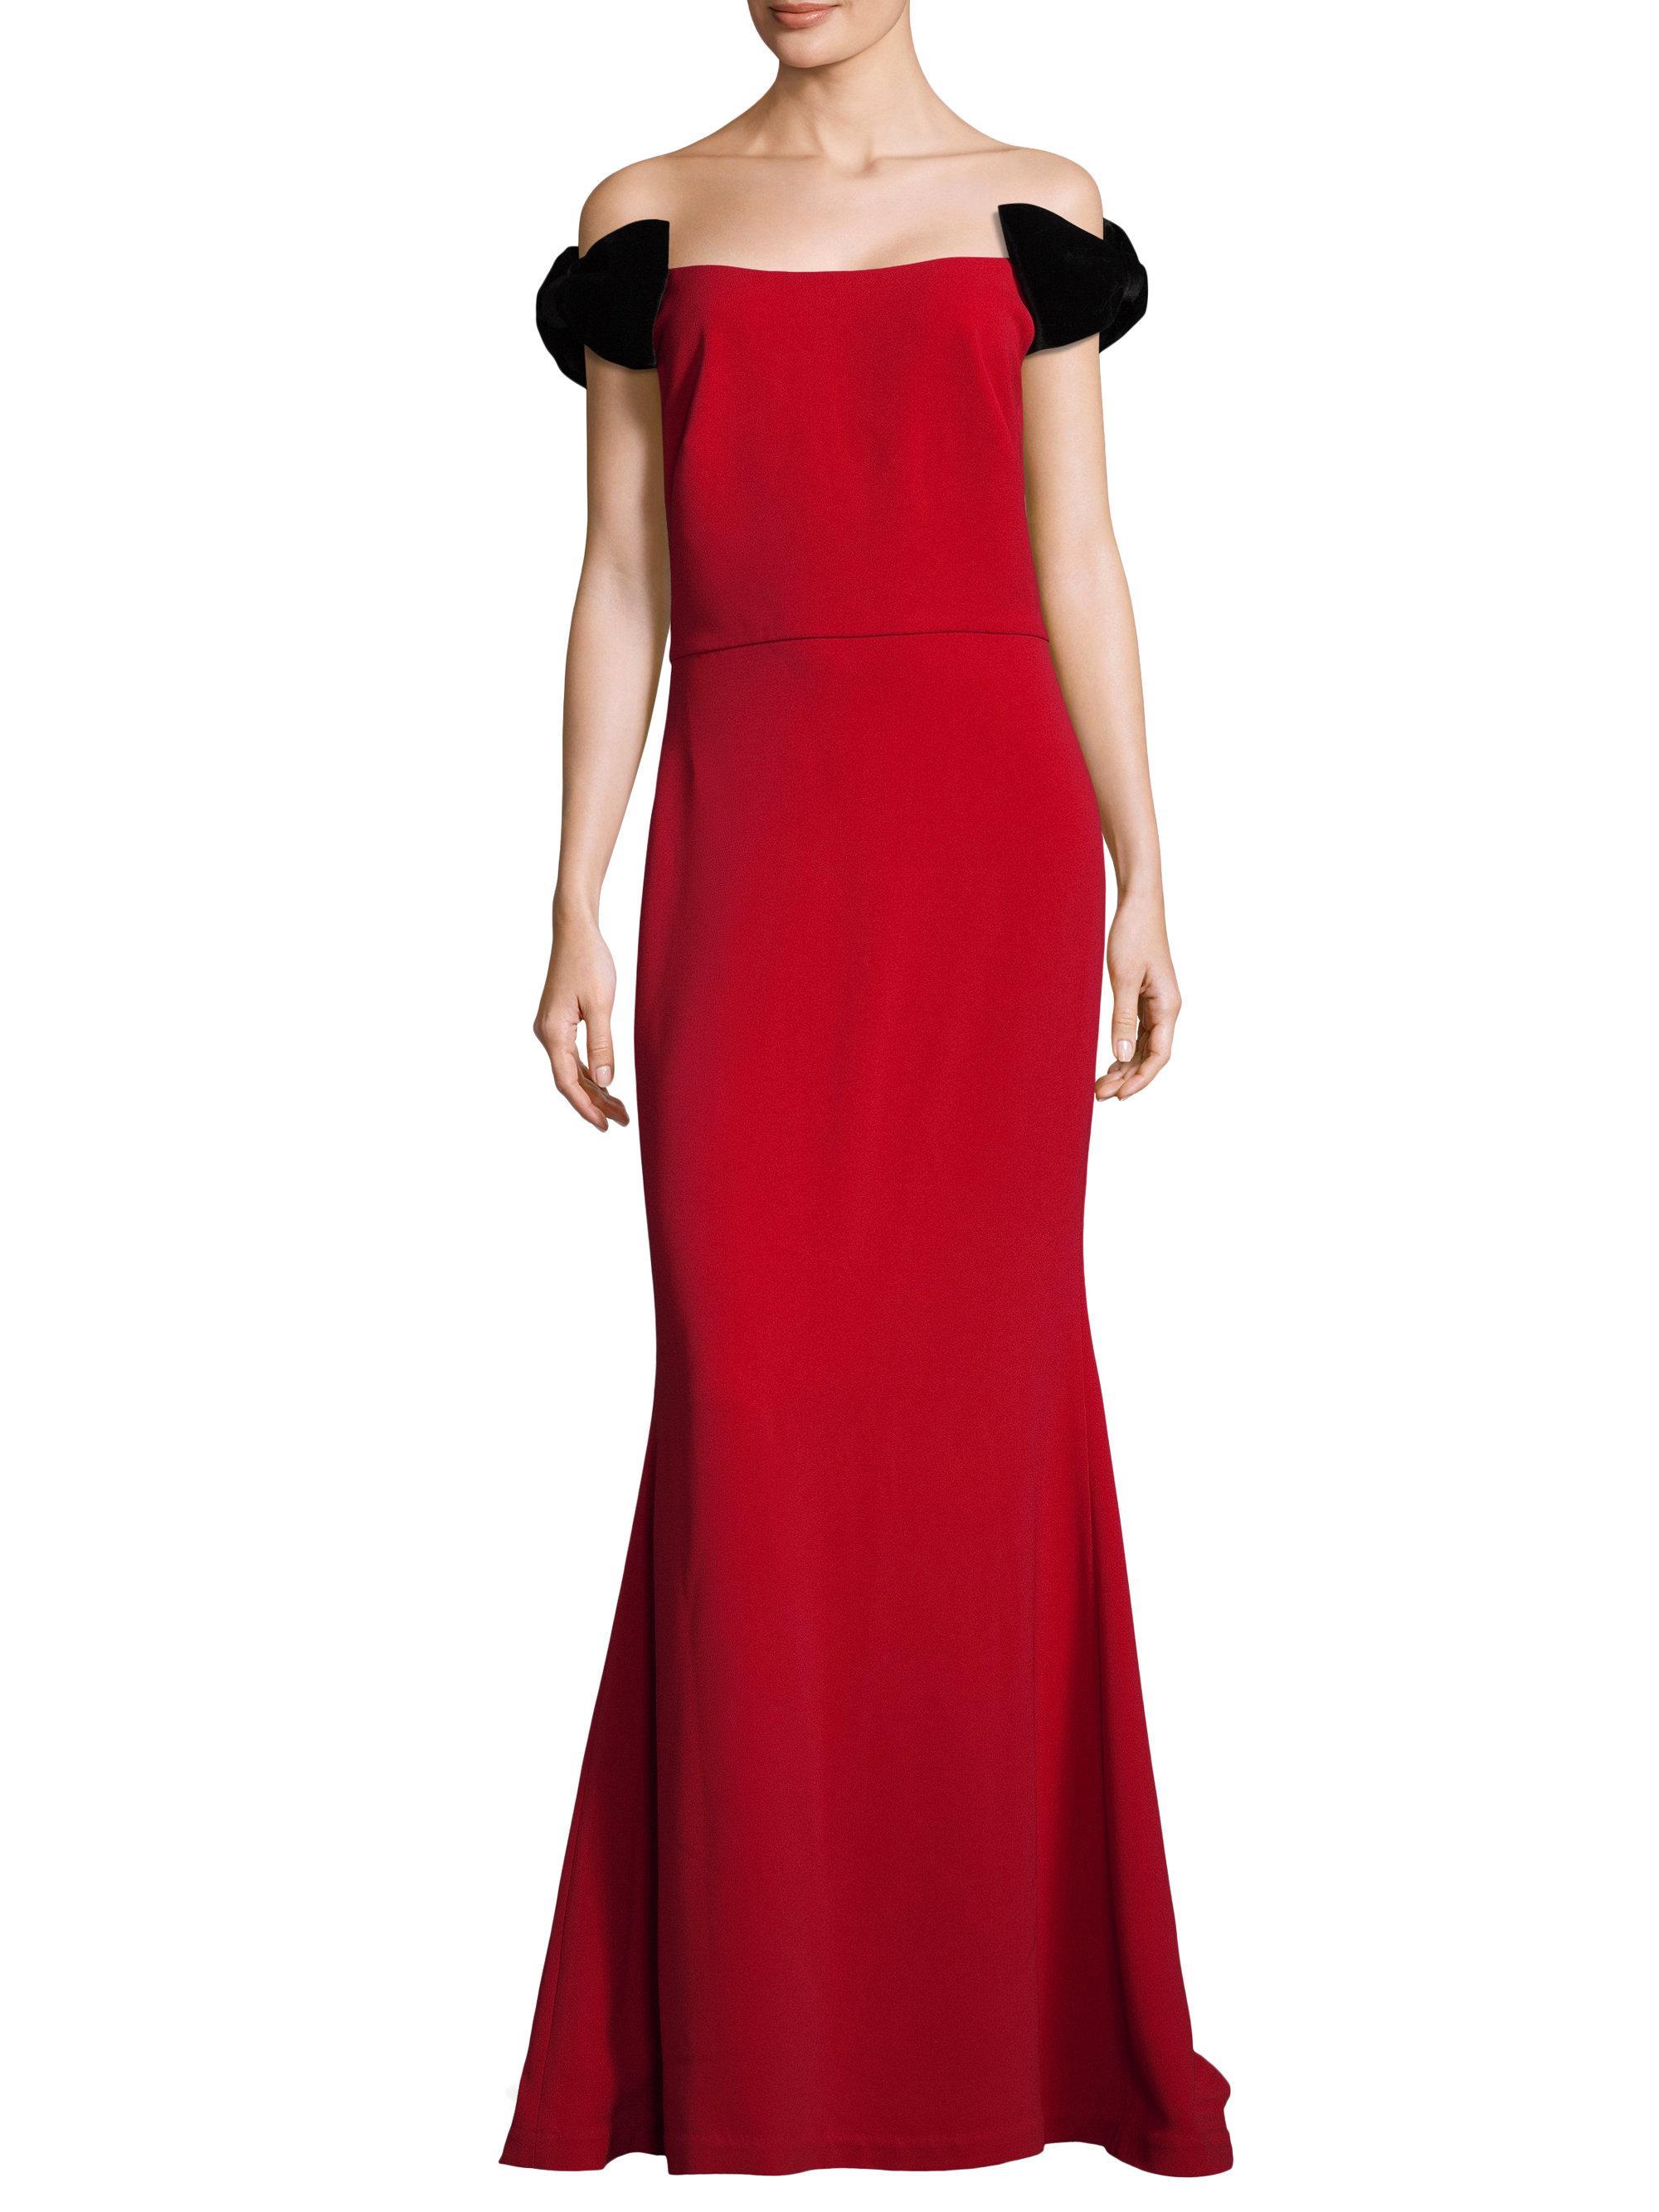 Alberto Makali Evening Dresses Nordstrom Rack – Fashion dresses